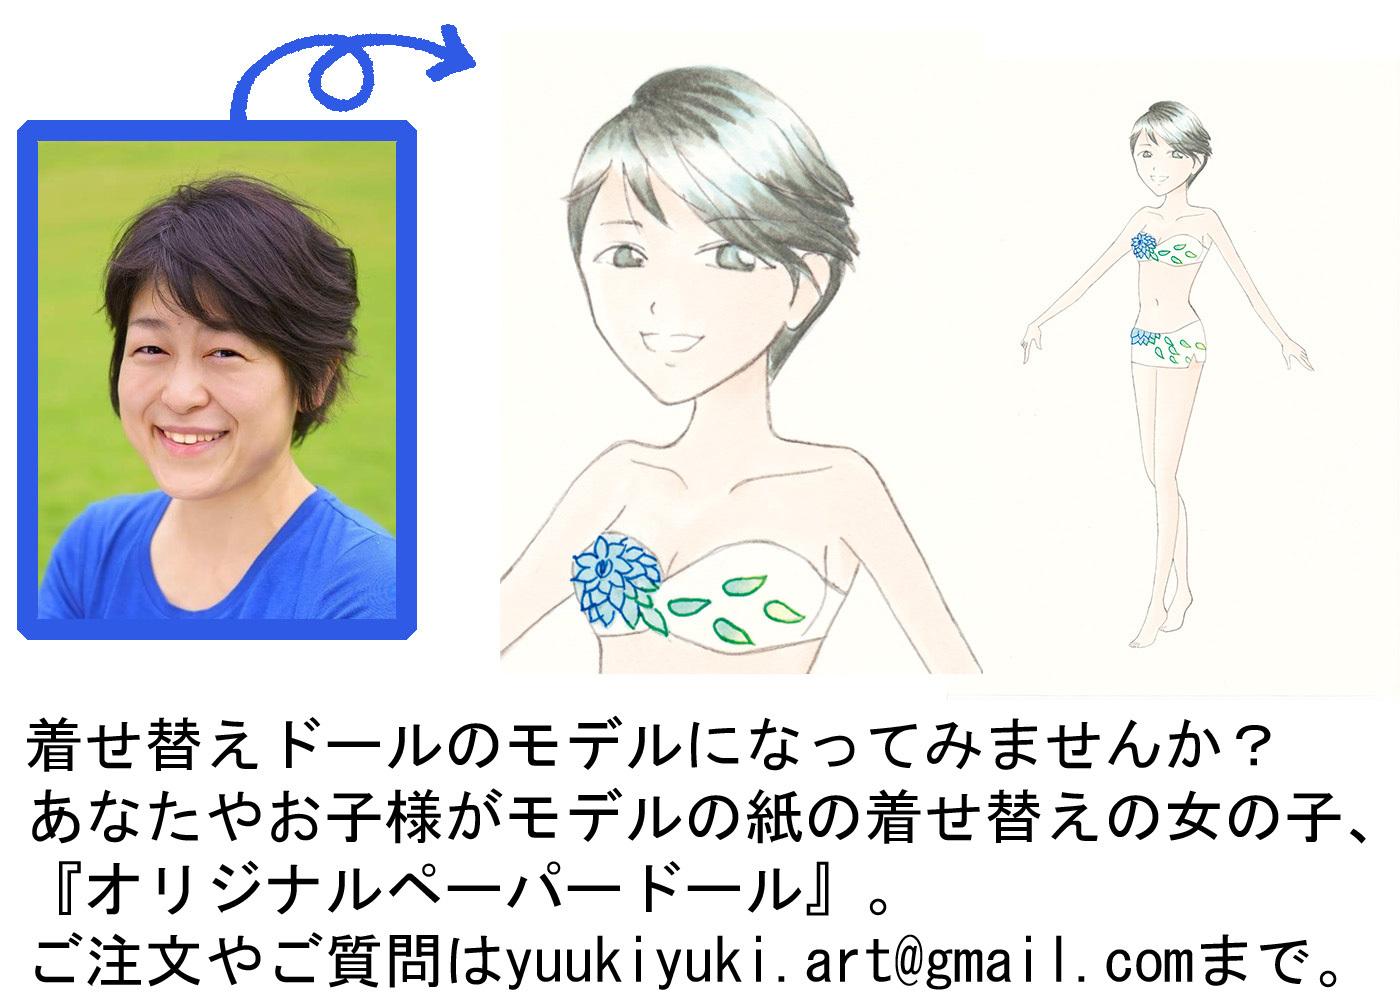 doll_web_moji_mihon07.jpg